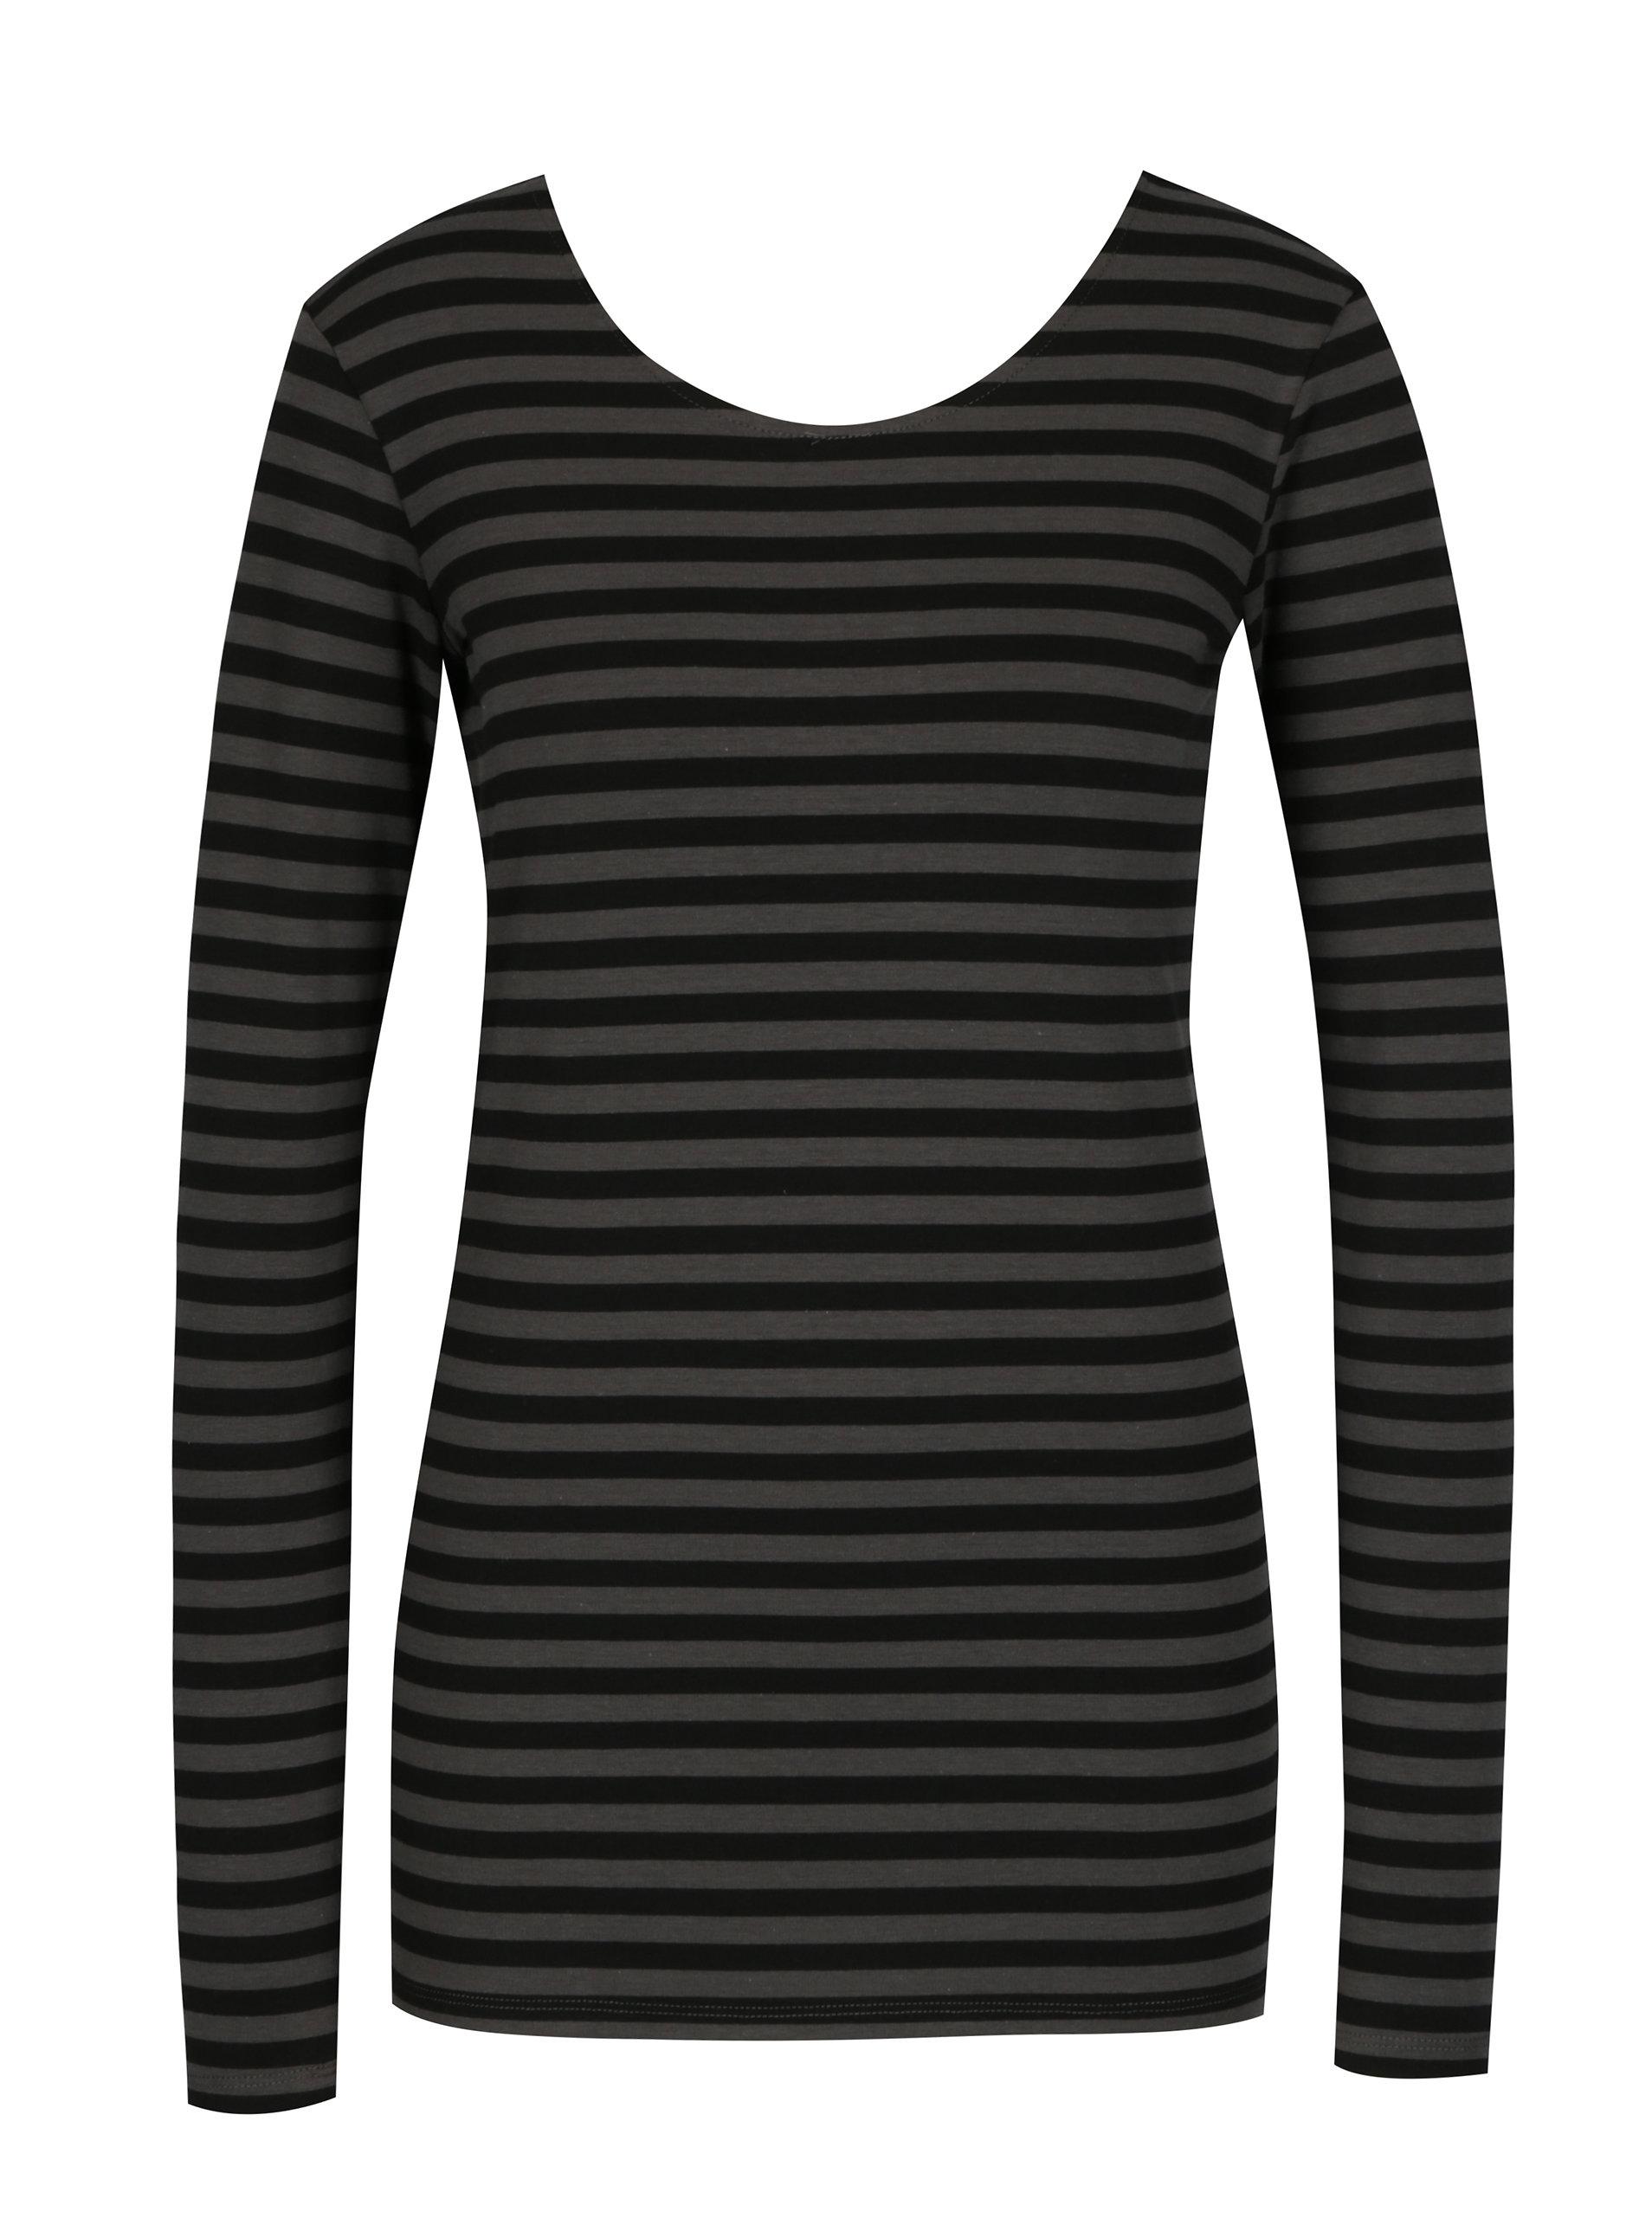 b44d5e7cf6f9 Sivo-čierne dámske pruhované tričko s dlhým rukávom Gracia Jeans ...